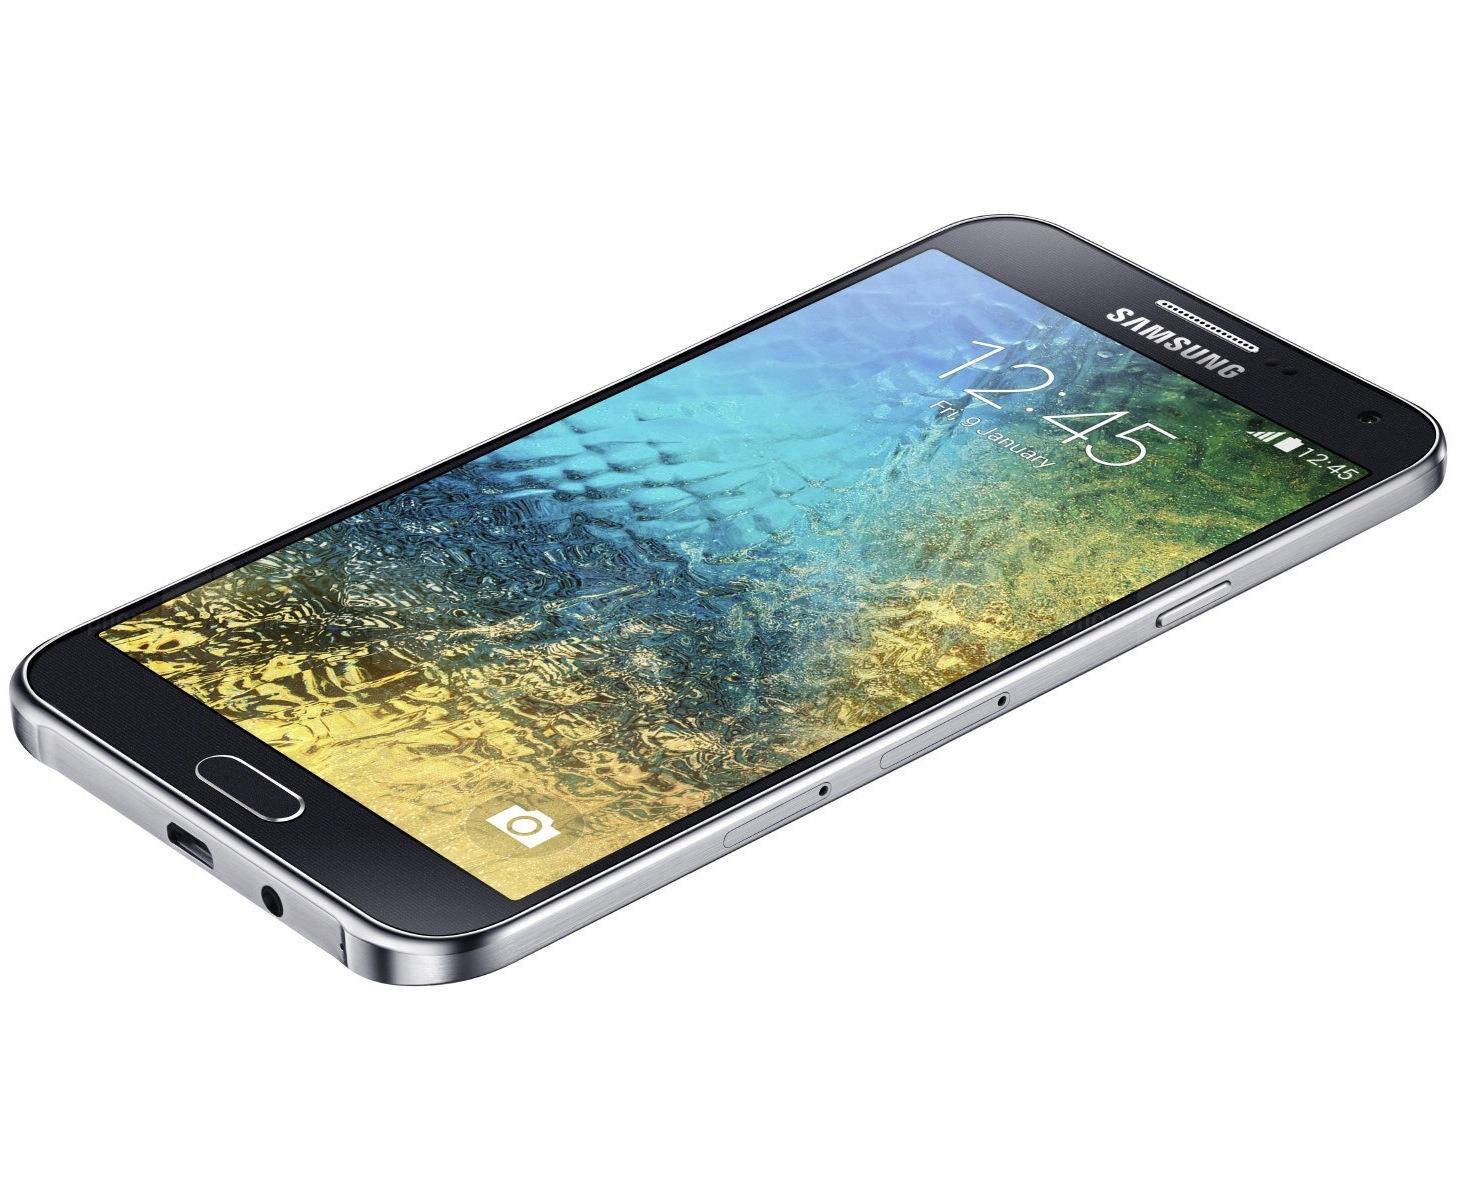 معرفی دو گوشی گلکسی E5 و گلکسی E7 توسط شرکت سامسونگ